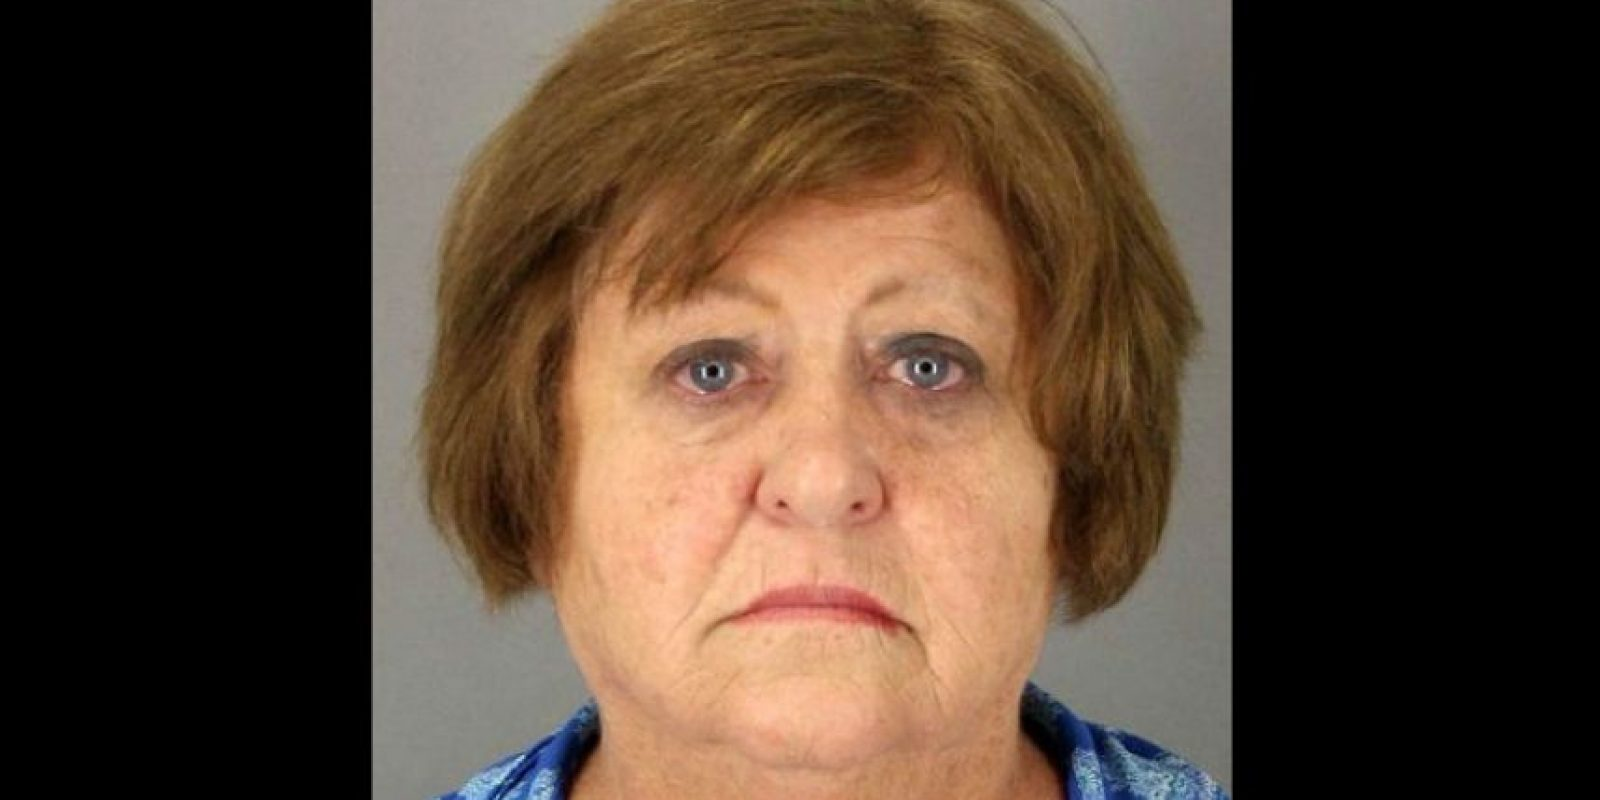 María A. Hastings, es una mujer de 63 años. Foto:Jefferson County